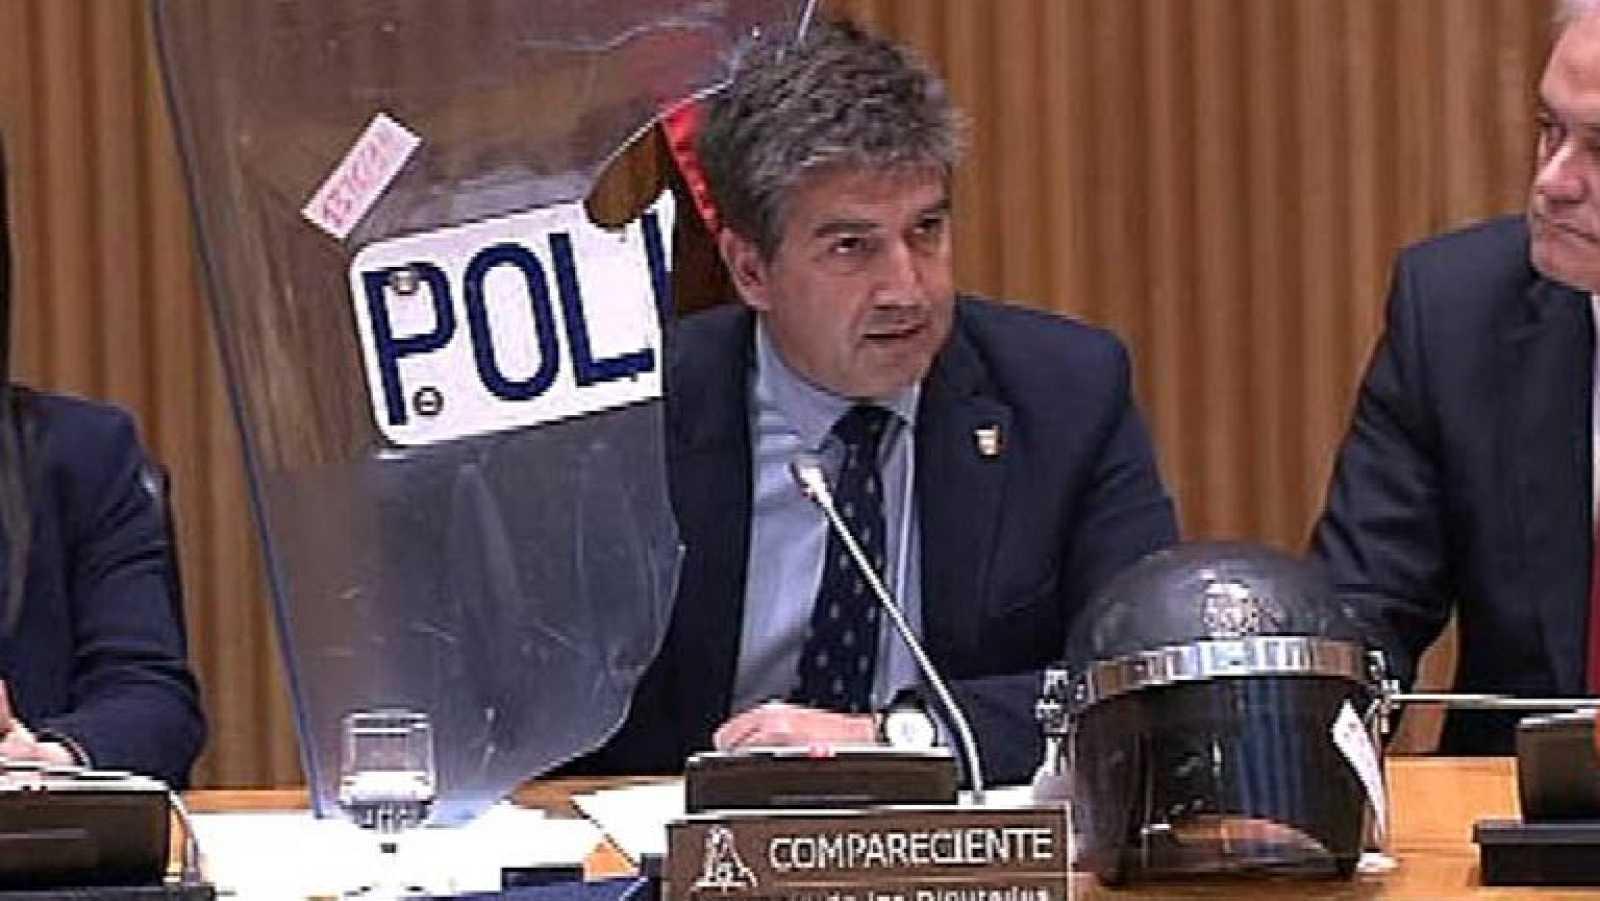 El director general de la Policía ha defendido el dispositivo policial durante el 22M pero también ha reconocido fallos